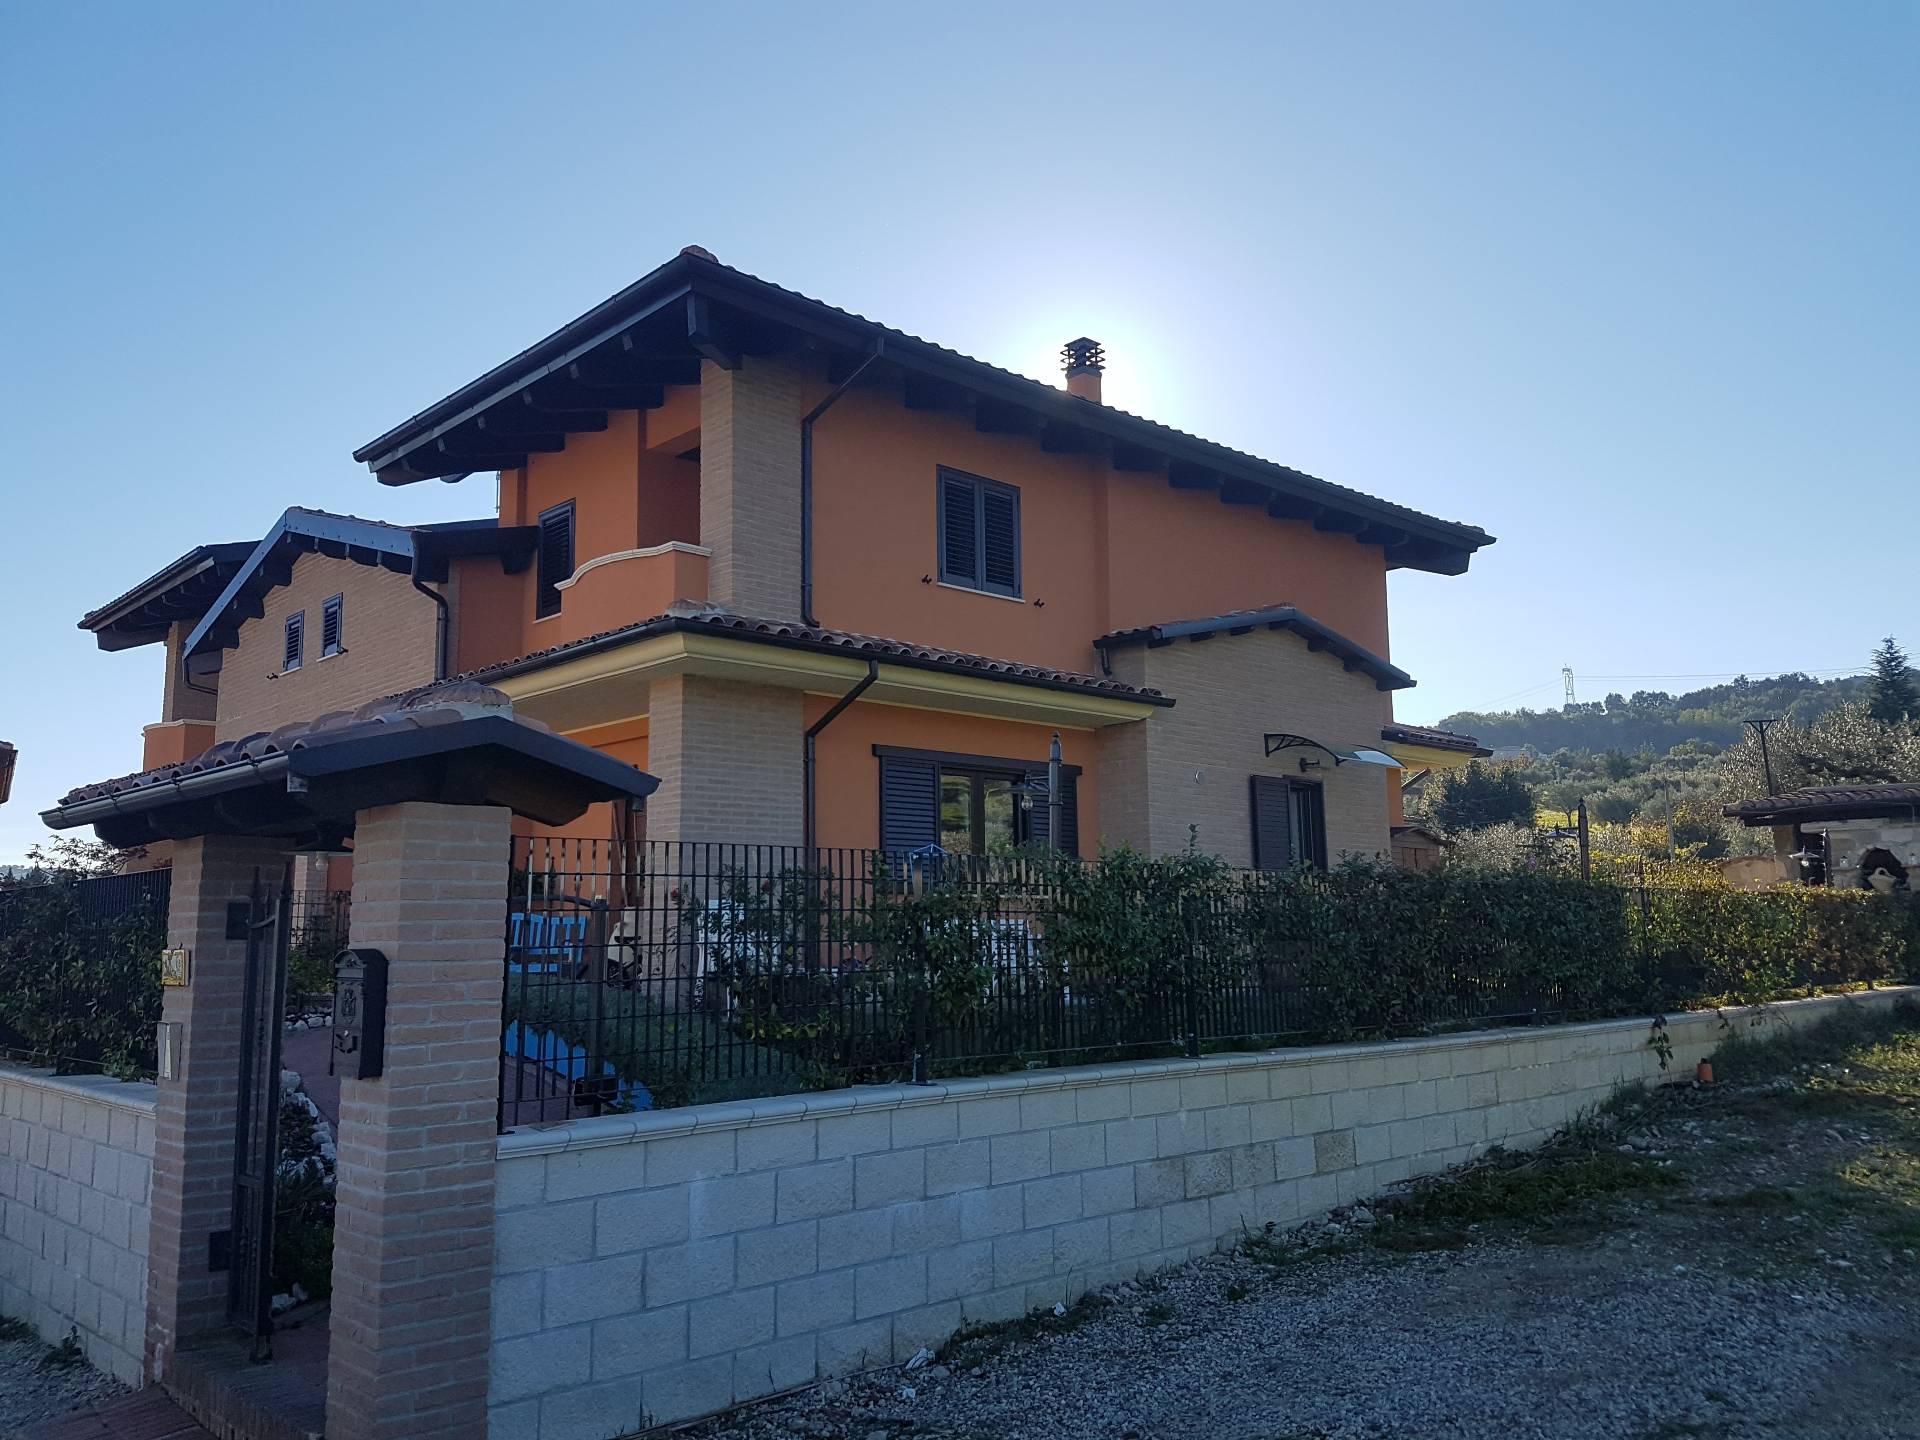 Villa Bifamiliare in vendita a Montorio al Vomano, 5 locali, prezzo € 380.000 | Cambio Casa.it